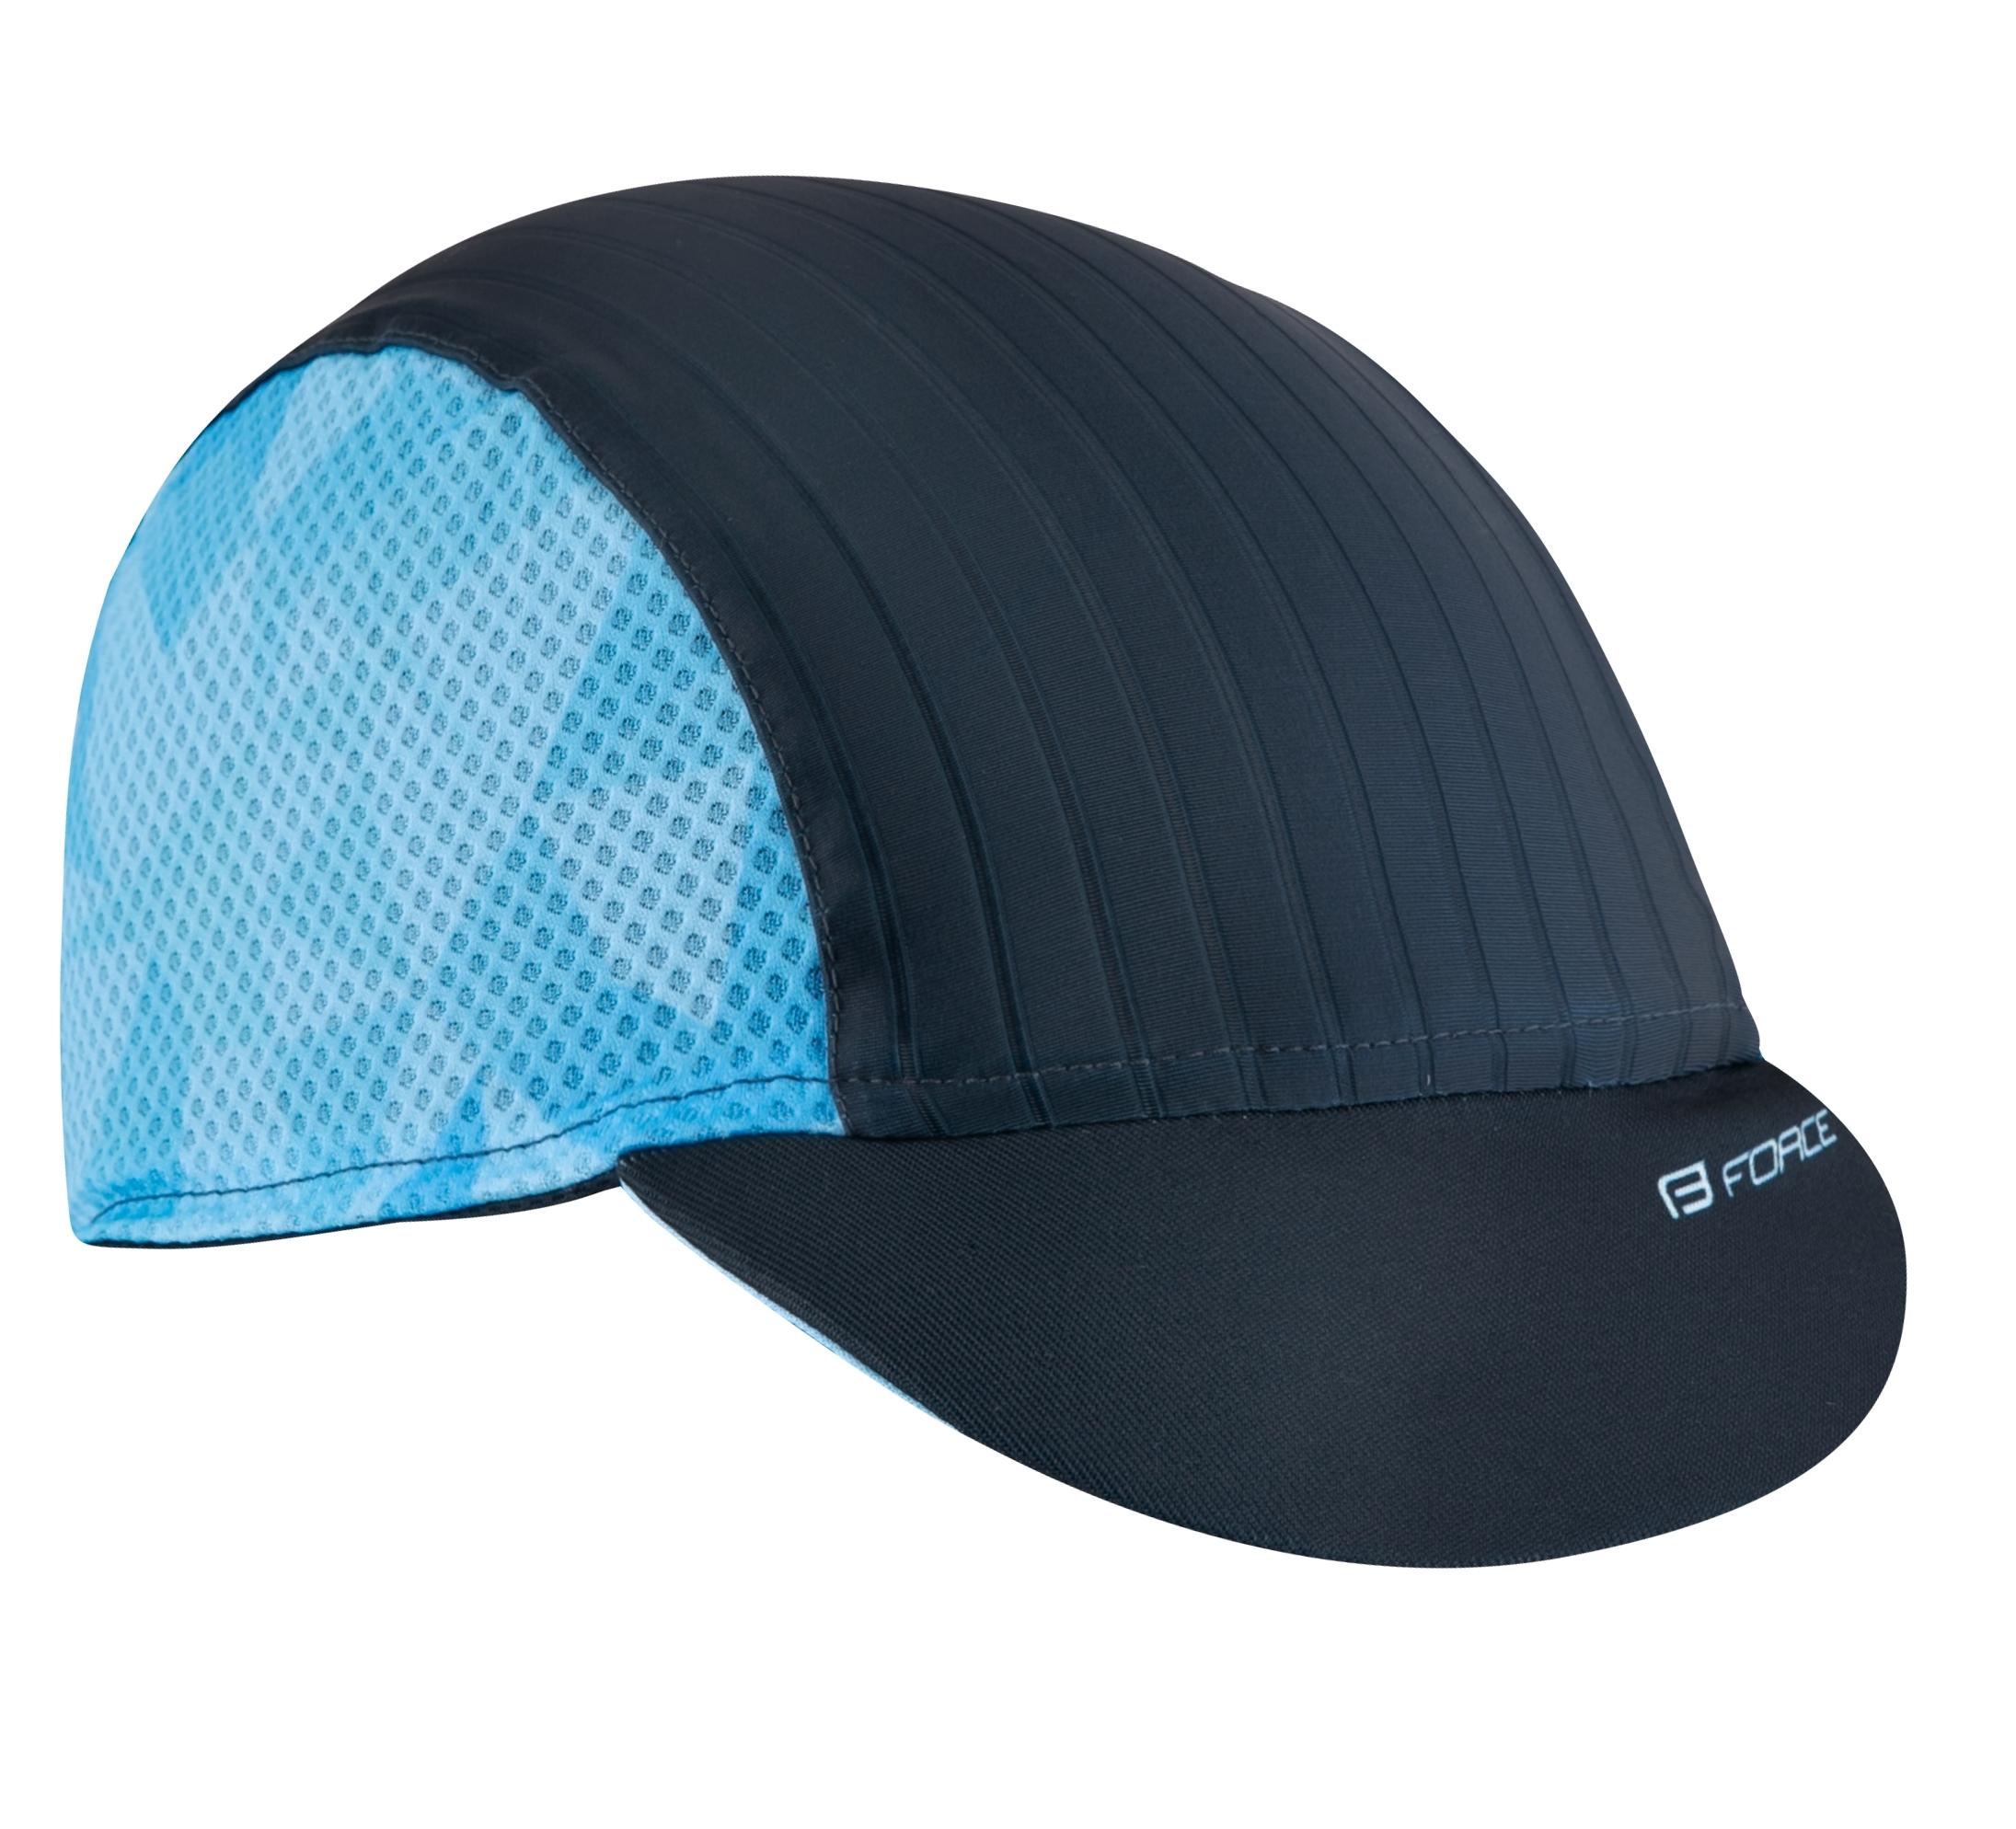 čepička s kšiltem FORCE CORE letní,černo-modrá